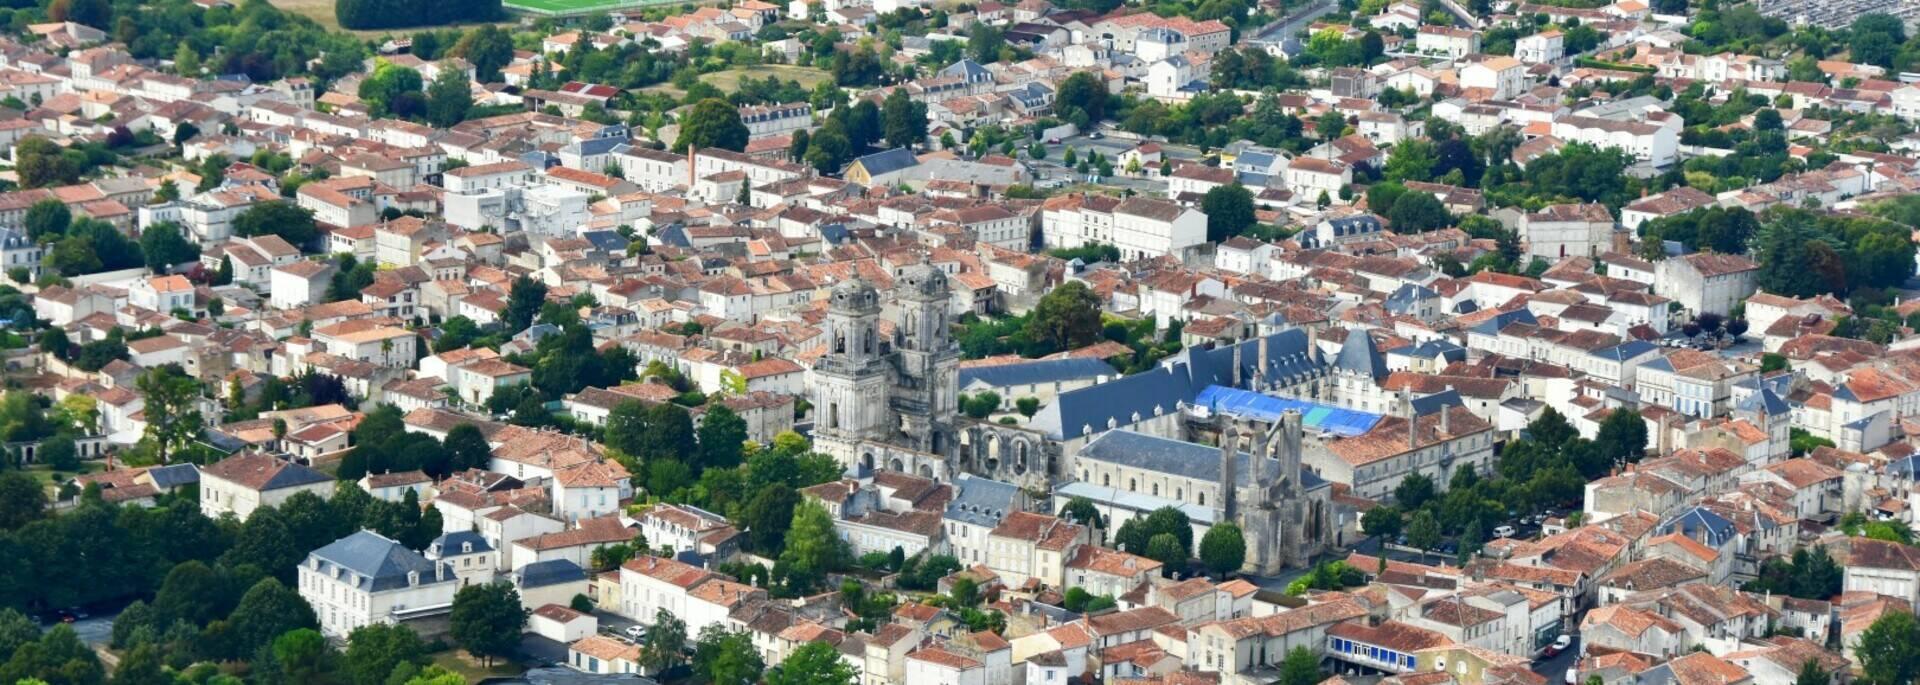 Vue aérienne de Saint-Jean d'Angély - ©FDHPA 17